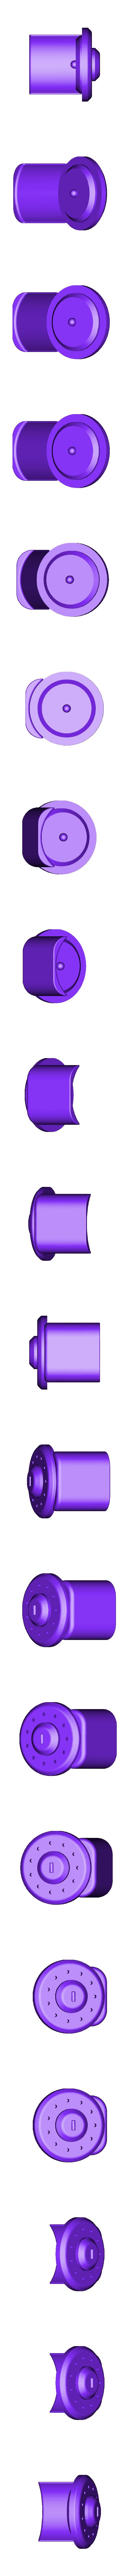 Shell_Loader.stl Télécharger fichier 3MF gratuit LIMACE MÉTALLIQUE - NOP-03 SARUBIE • Plan imprimable en 3D, FreeBug